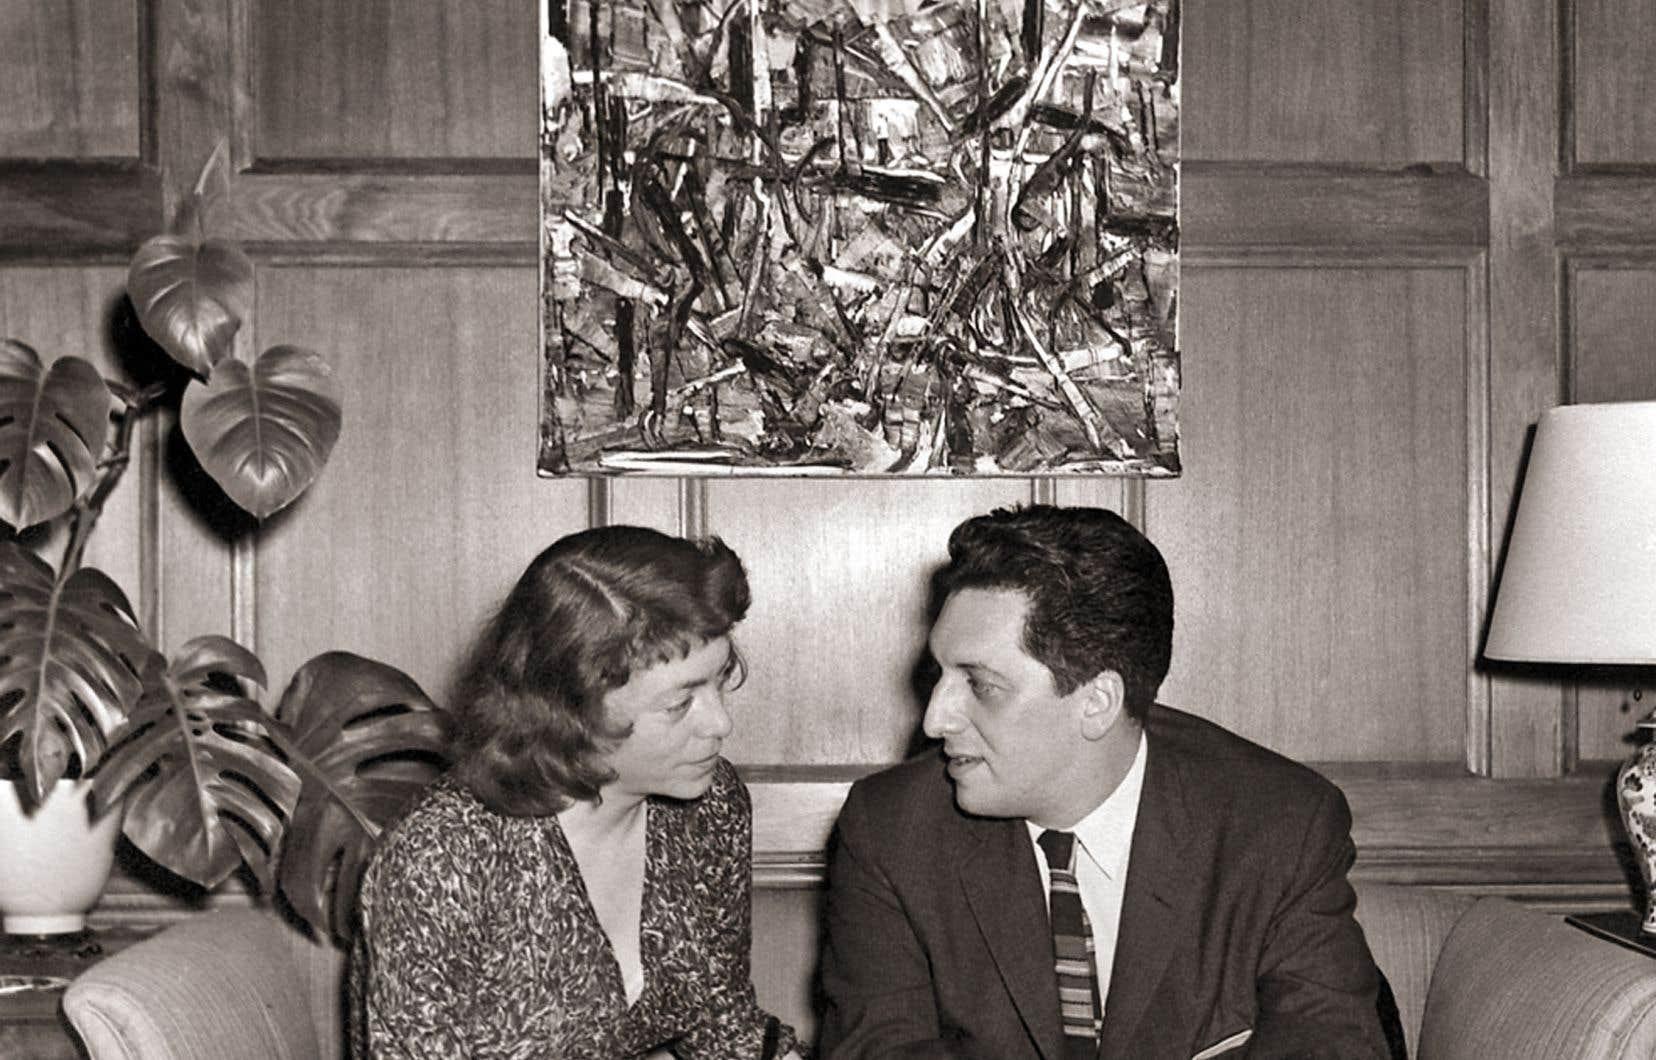 L'idée de mettre en évidence les liens entre les démarches créatrices de Riopelle et de Mitchell (photographiés ici à Chicago en 1957), sans dévaloriser l'une par rapport à l'autre, ne fut pas facile à mener.